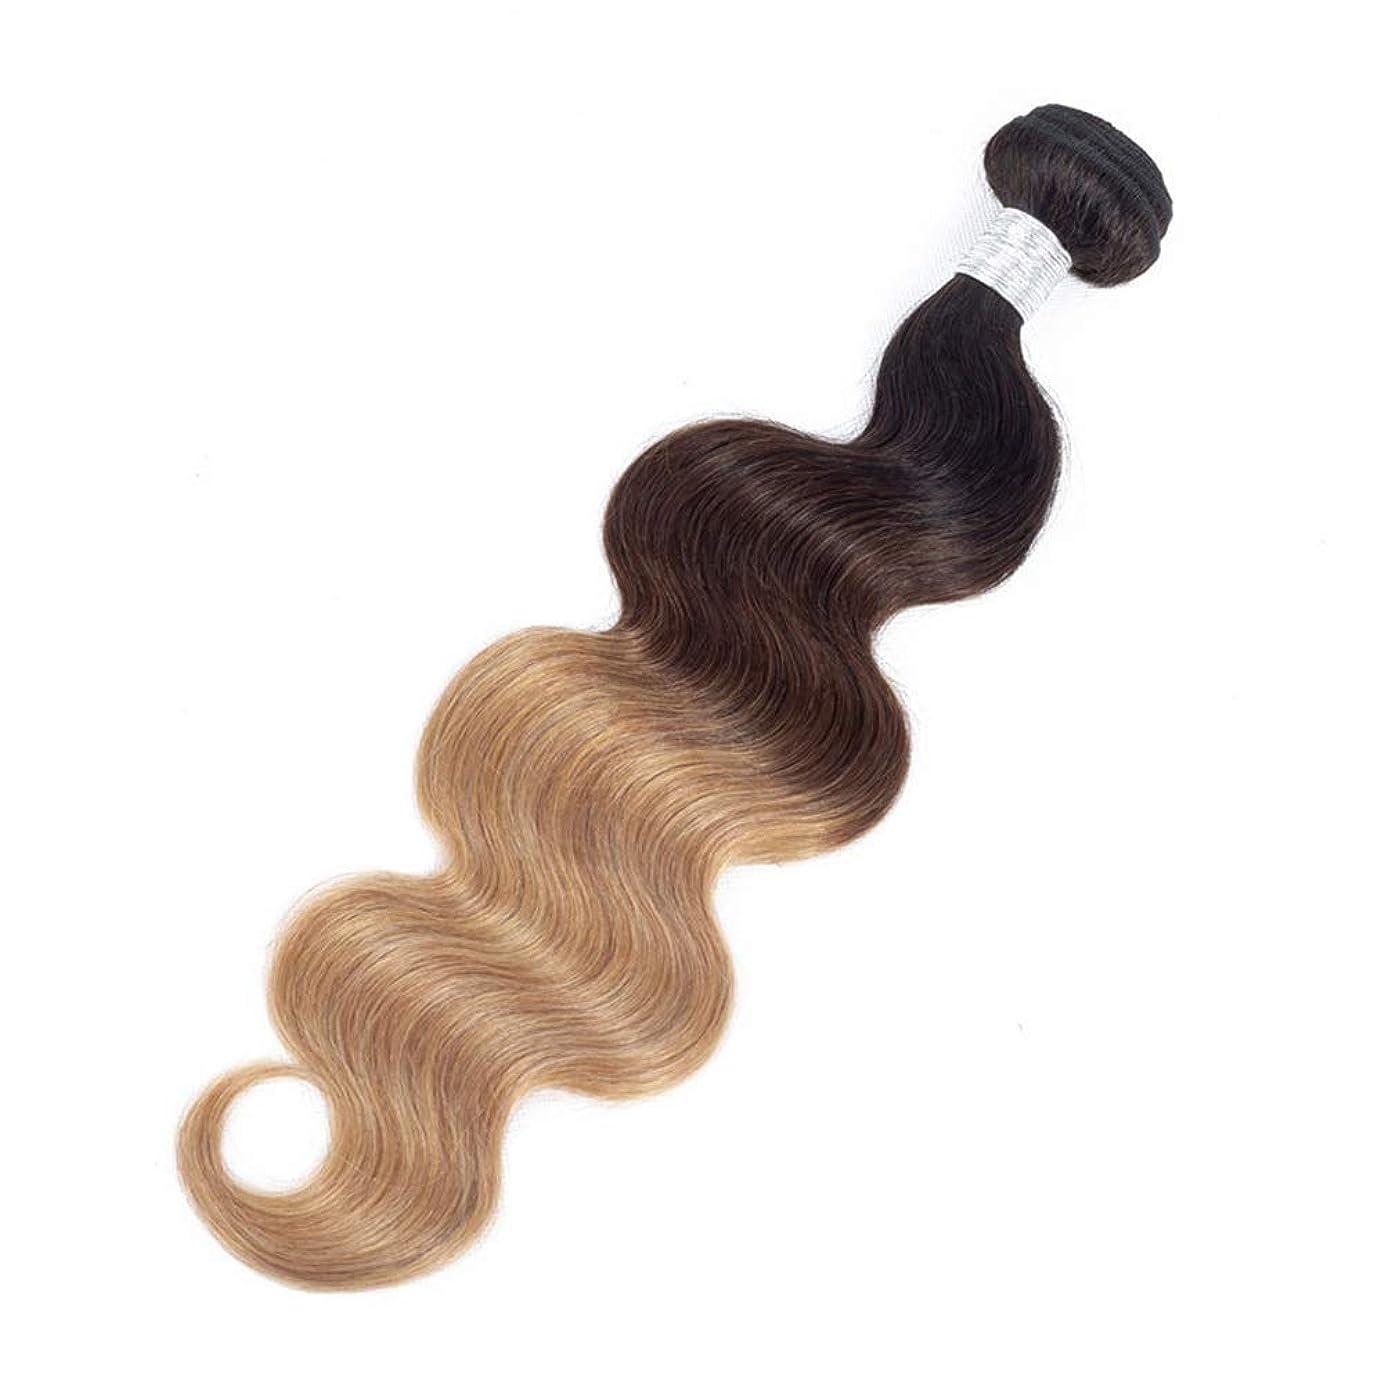 困難等しいほとんどの場合BOBIDYEE オンブル人毛ブラジルの実体波バージン人毛横糸1バンドル1B / 4/27 3トーンカラーロングカーリーウィッグファッションウィッグ (色 : ブラウン, サイズ : 18 inch)